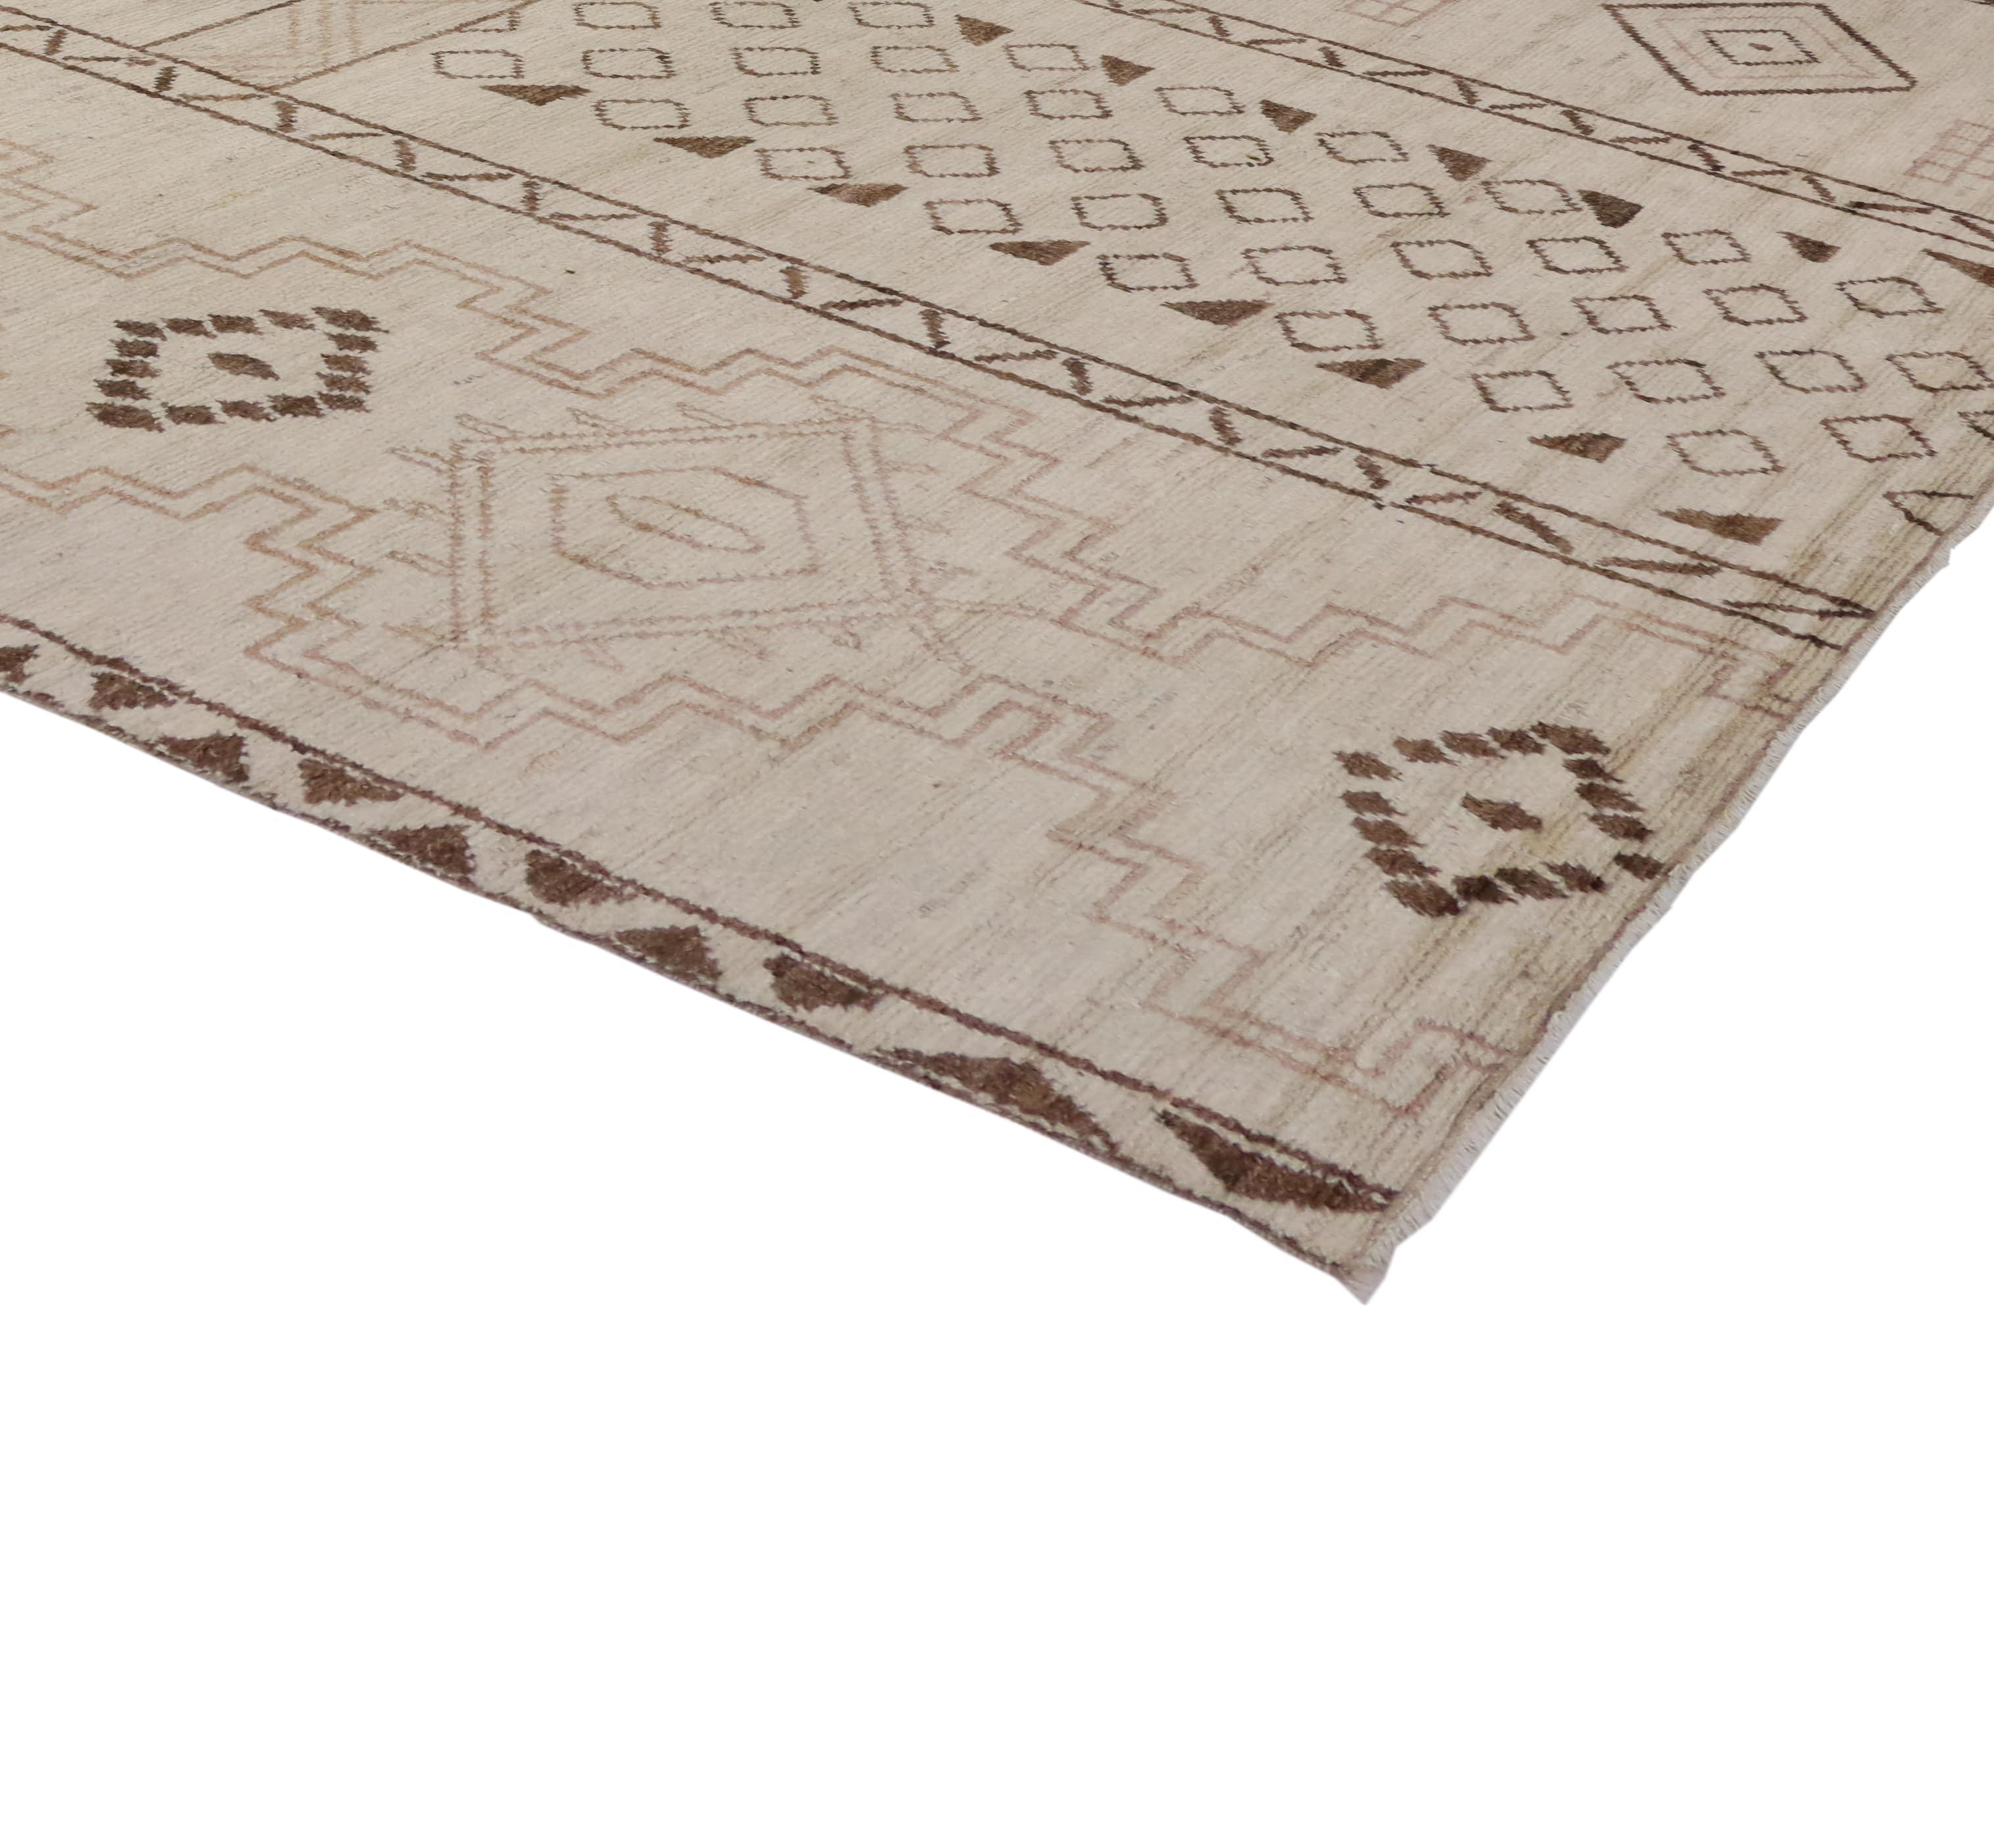 10 X 14 Contemporary Moroccan Rug 80205